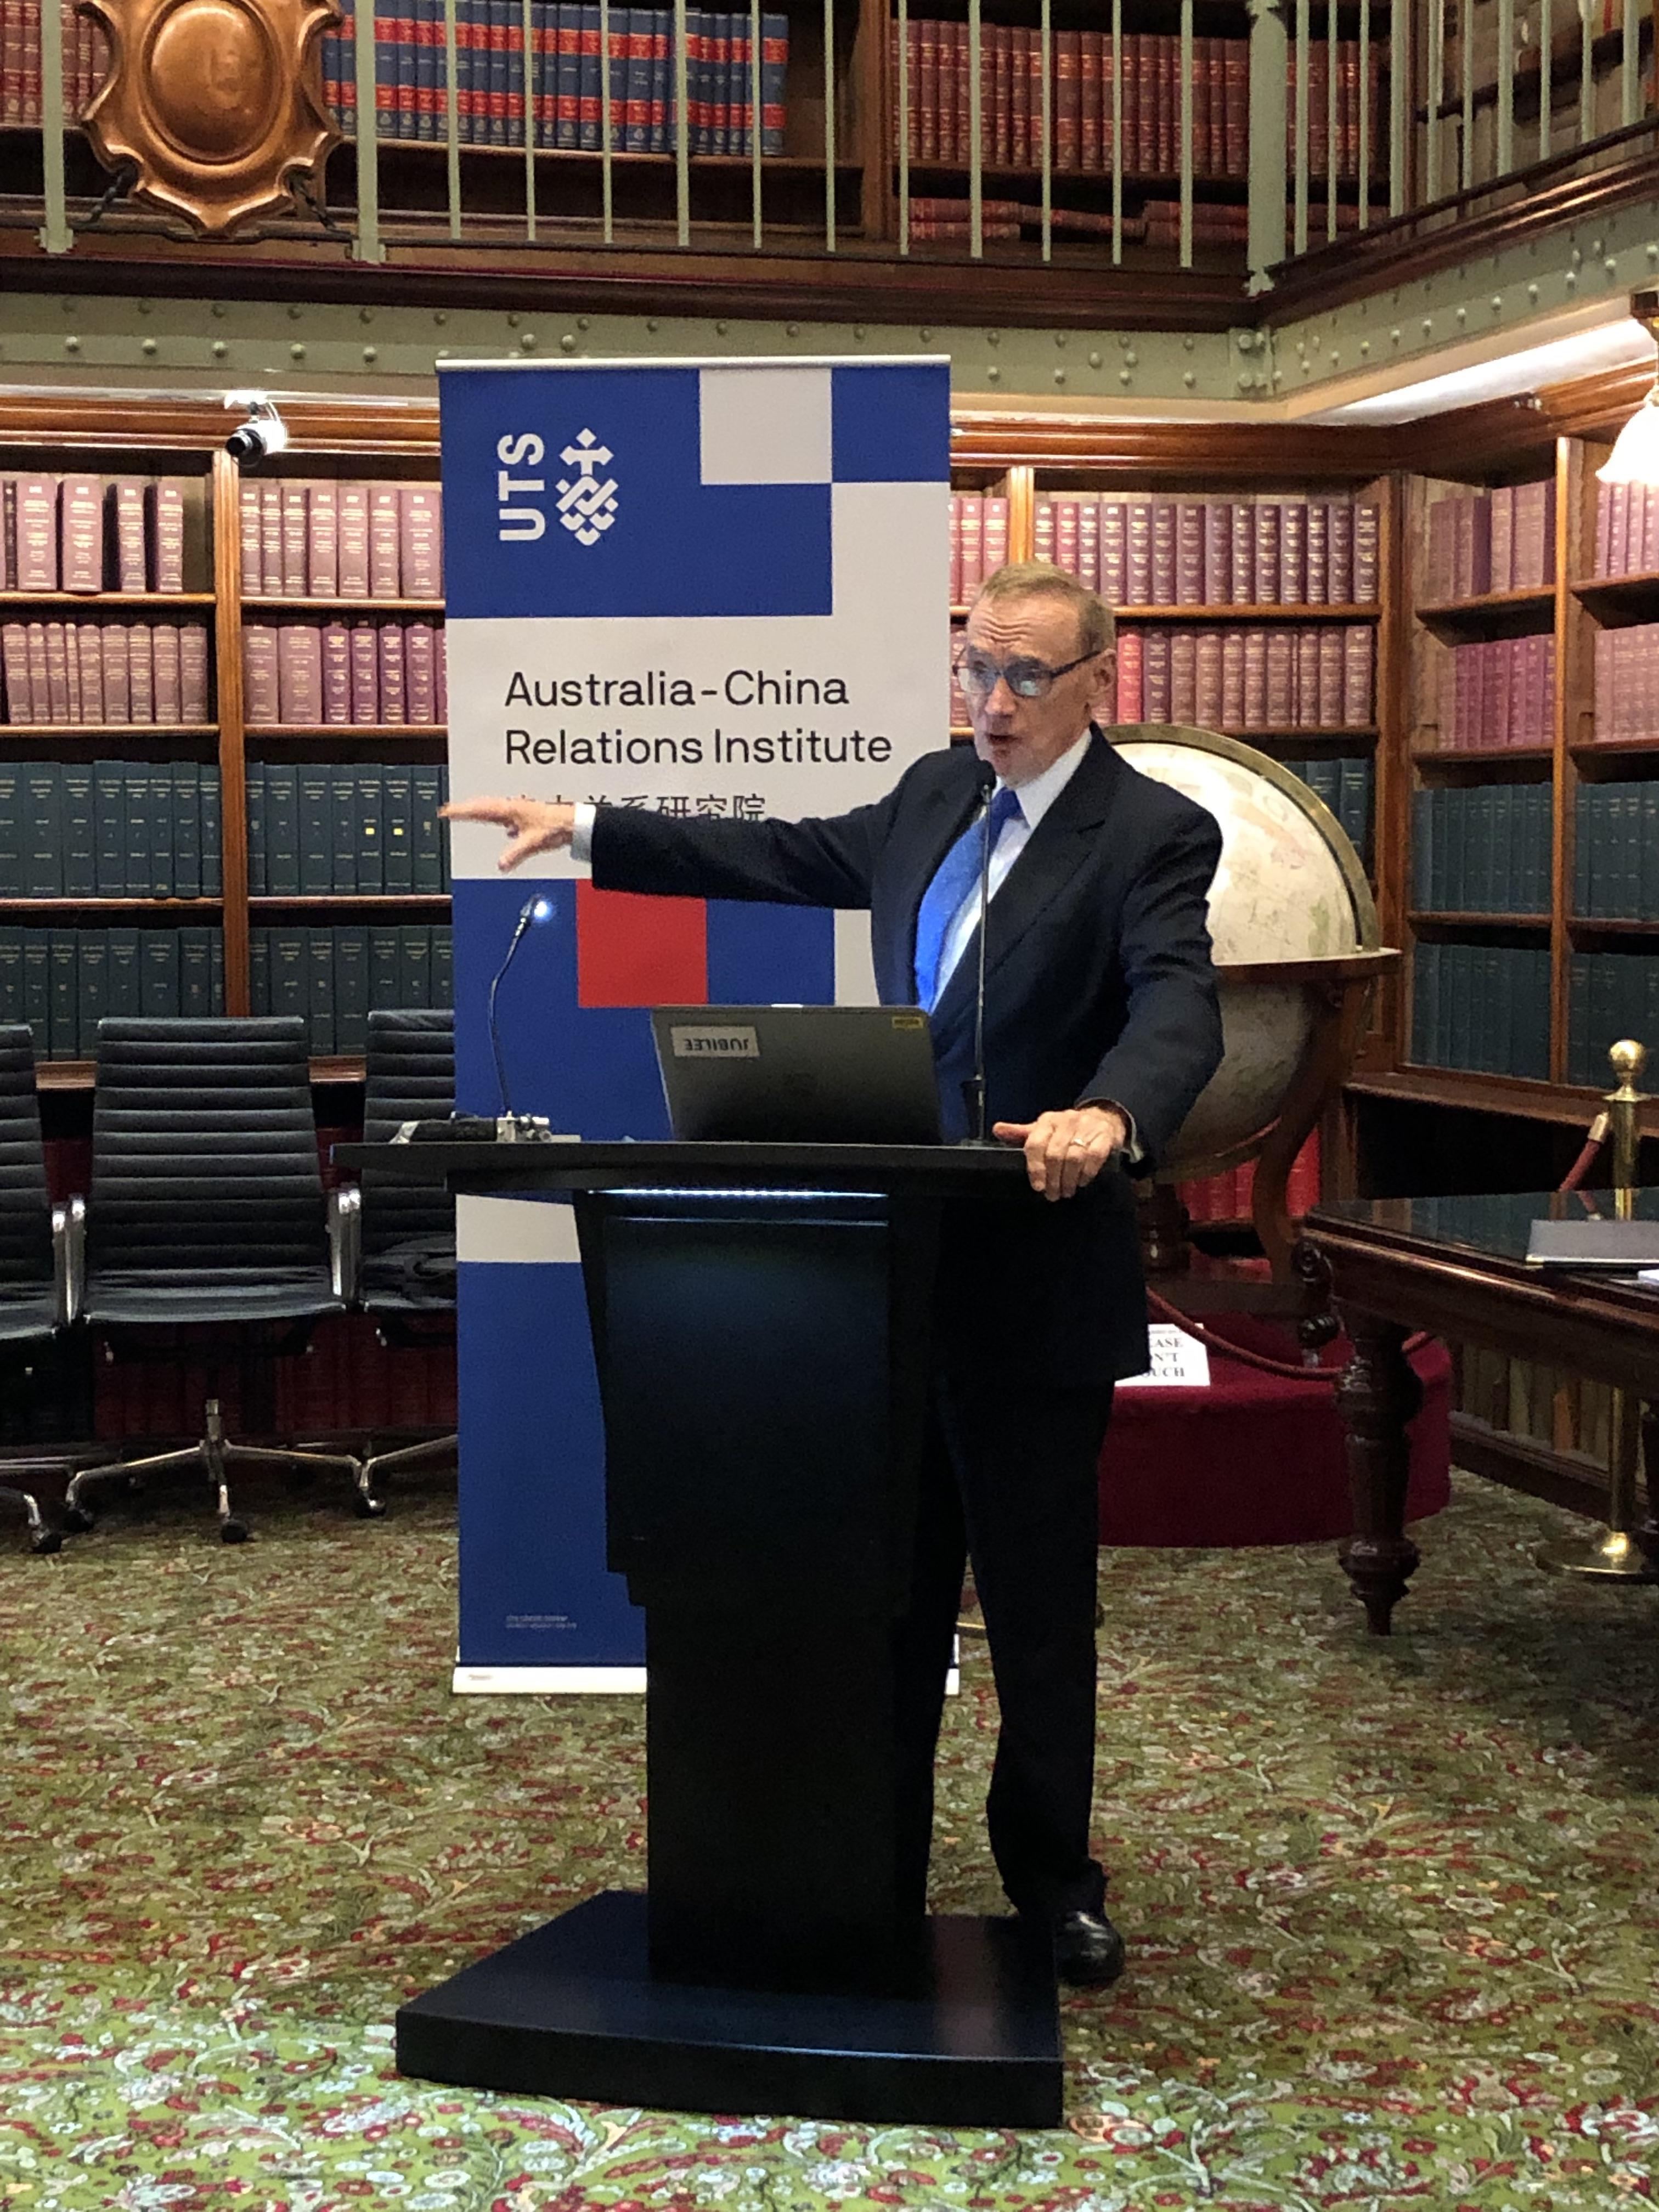 Australia-China Relations Institute